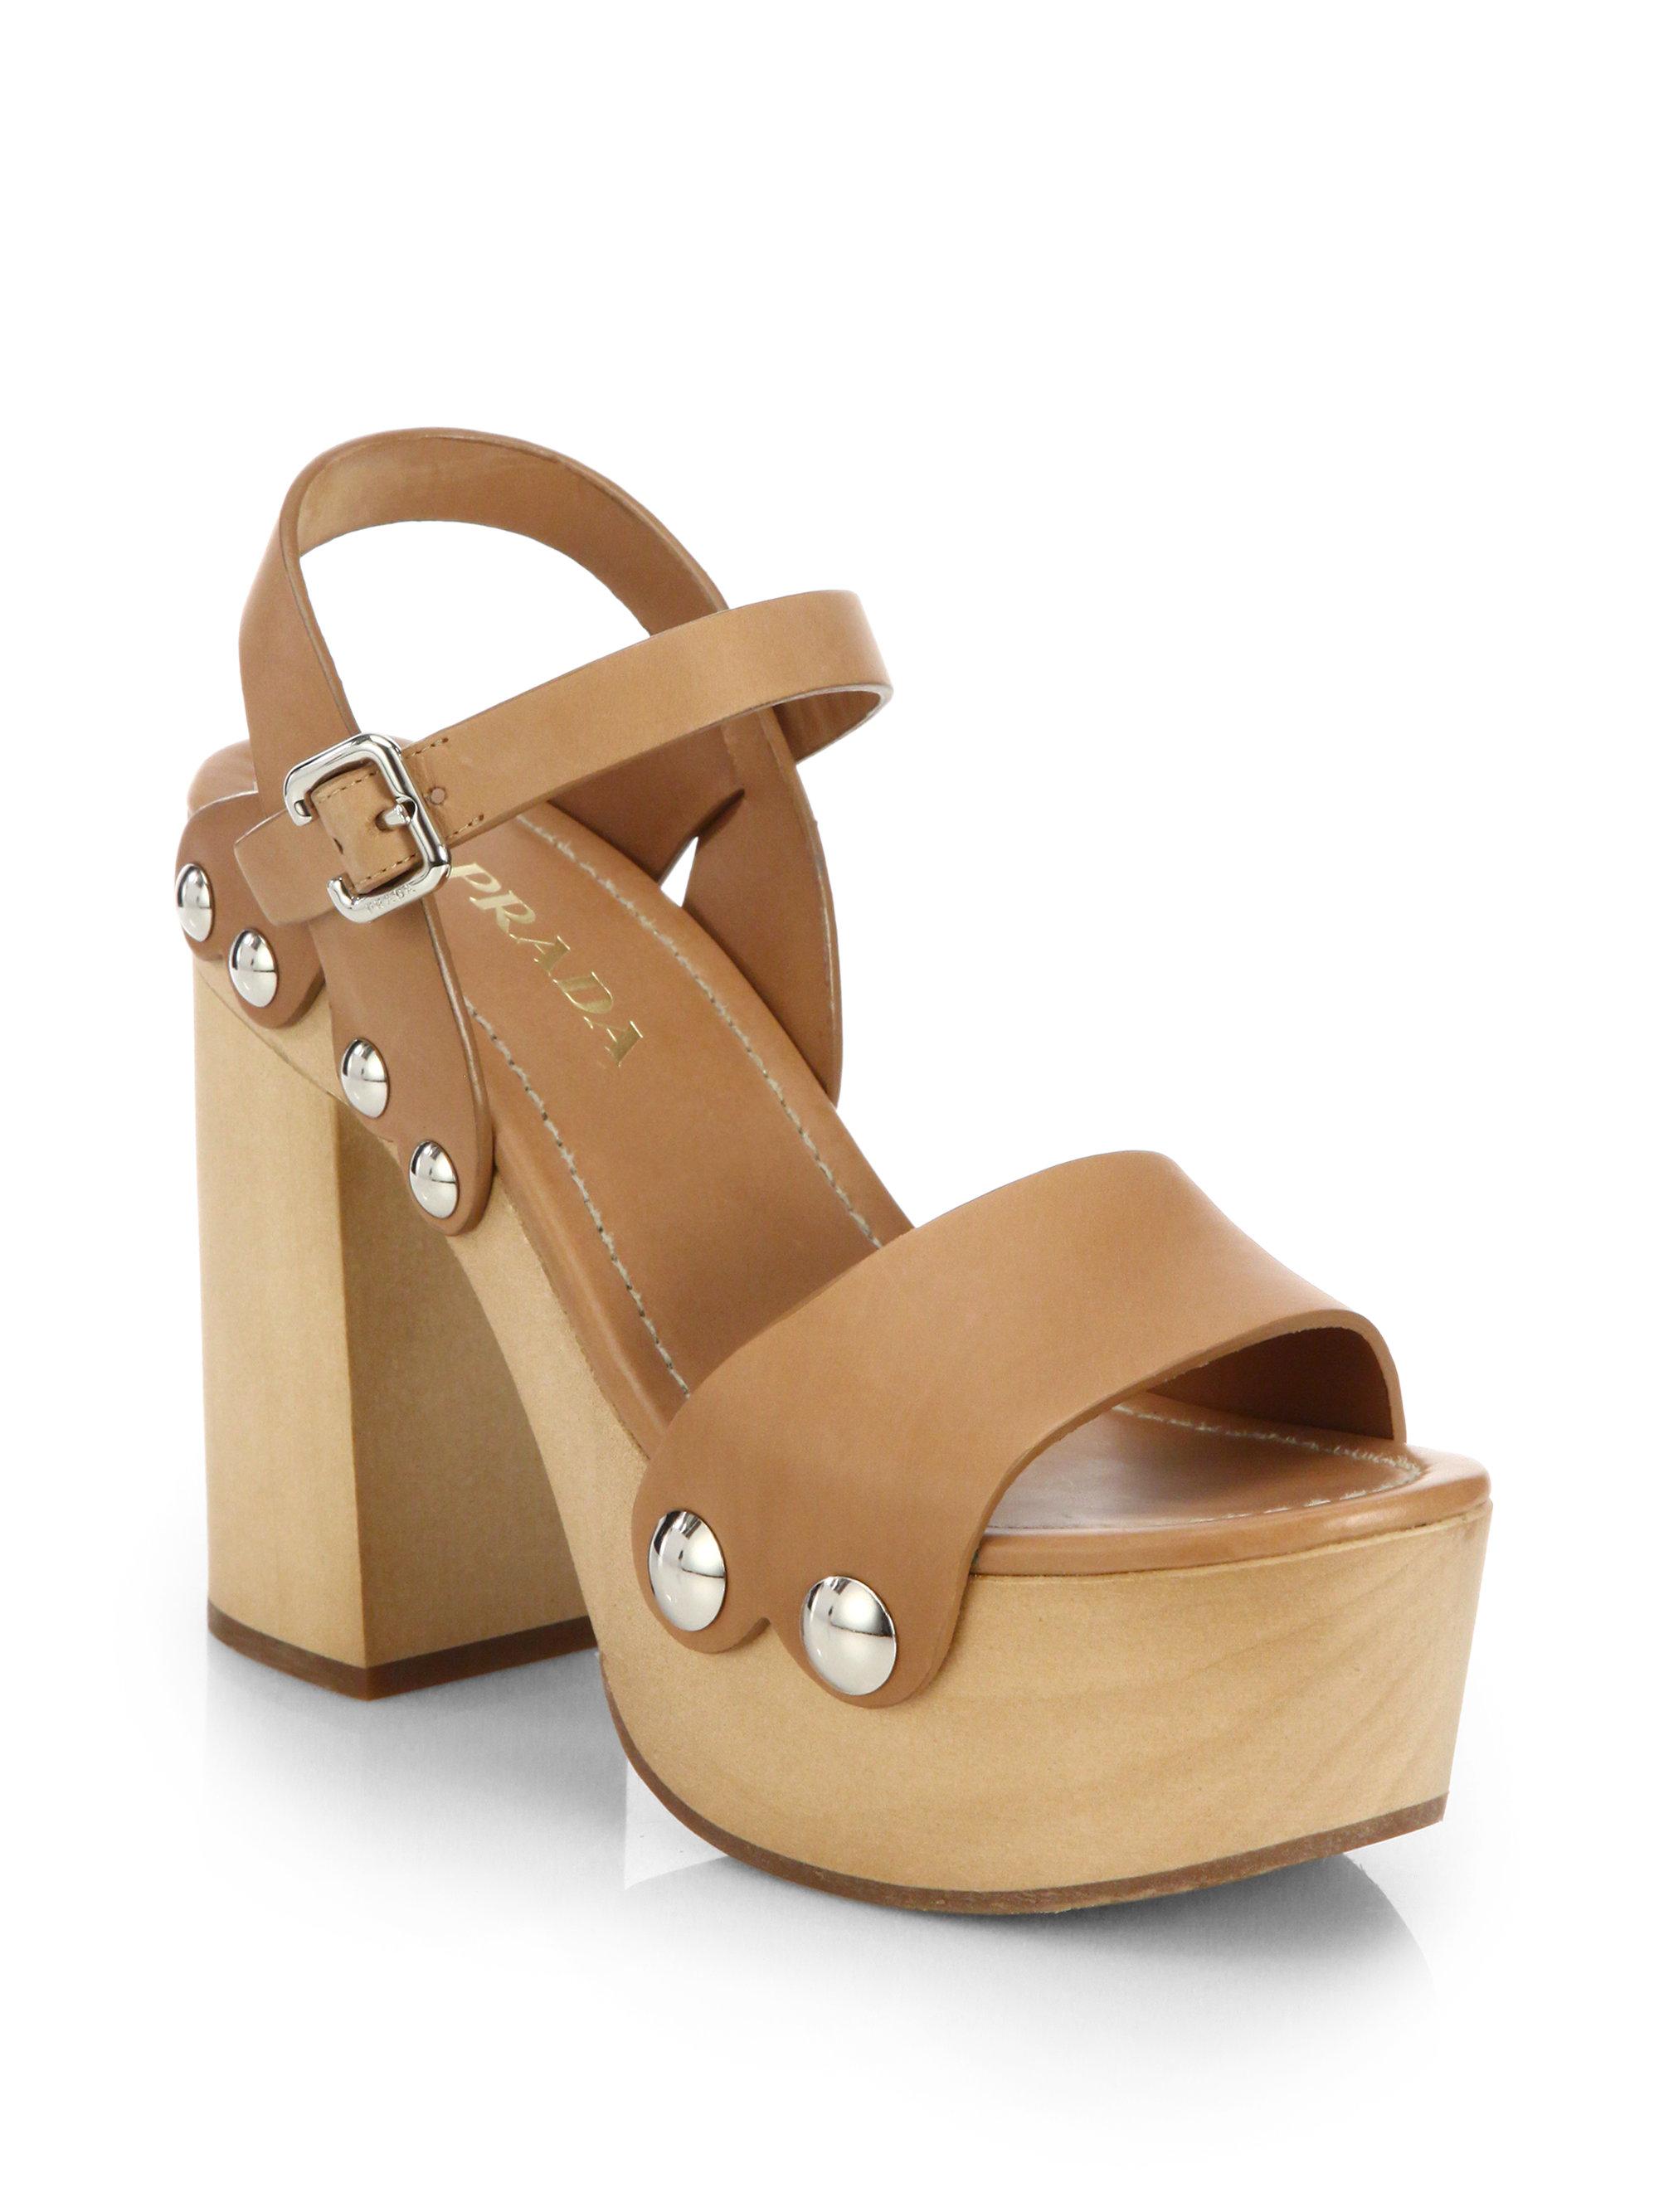 Leather Platform Sandals 96